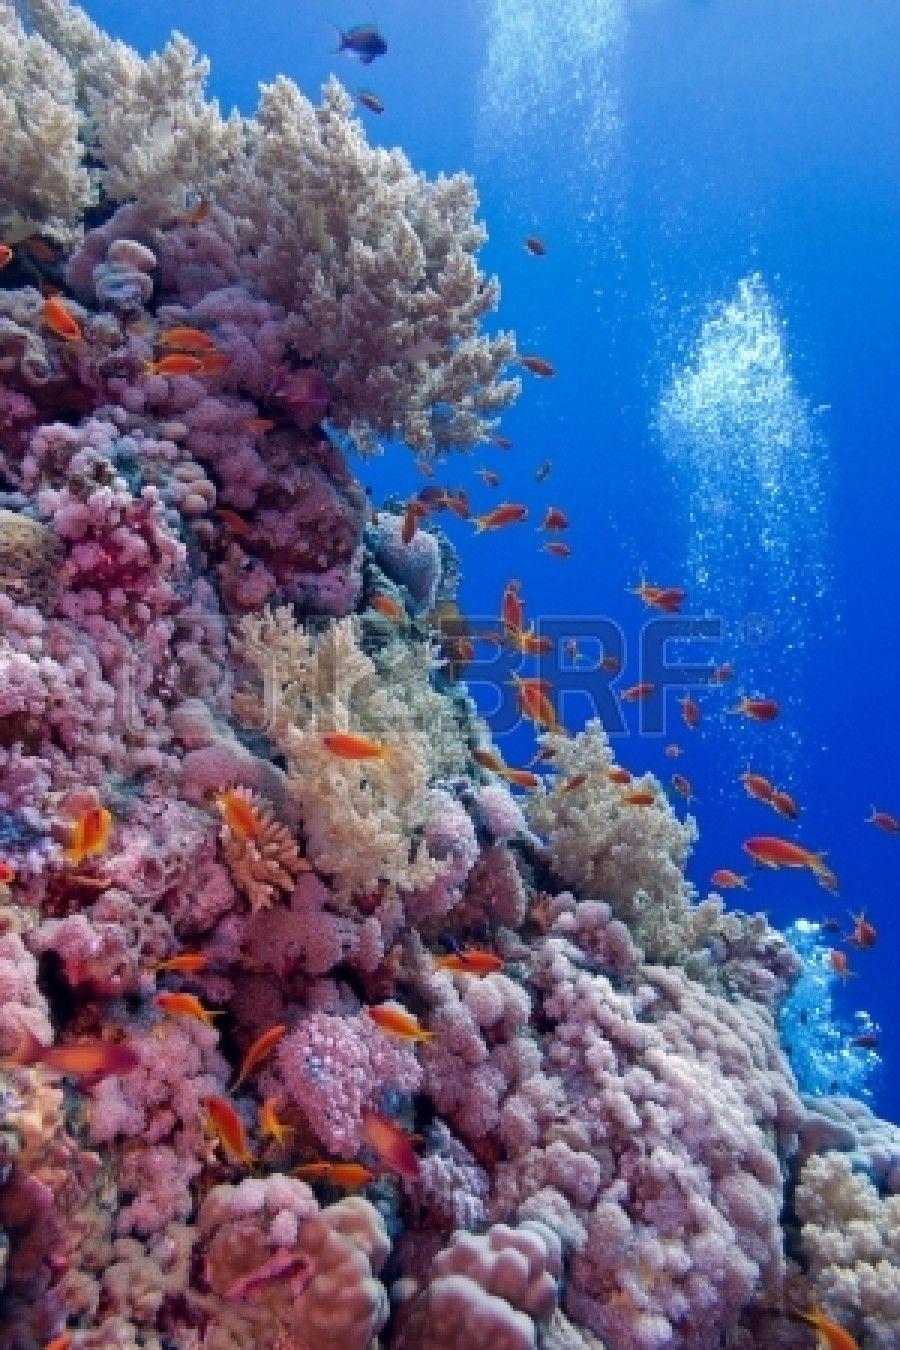 Colorido arrecife de coral con corales blandos y duros con